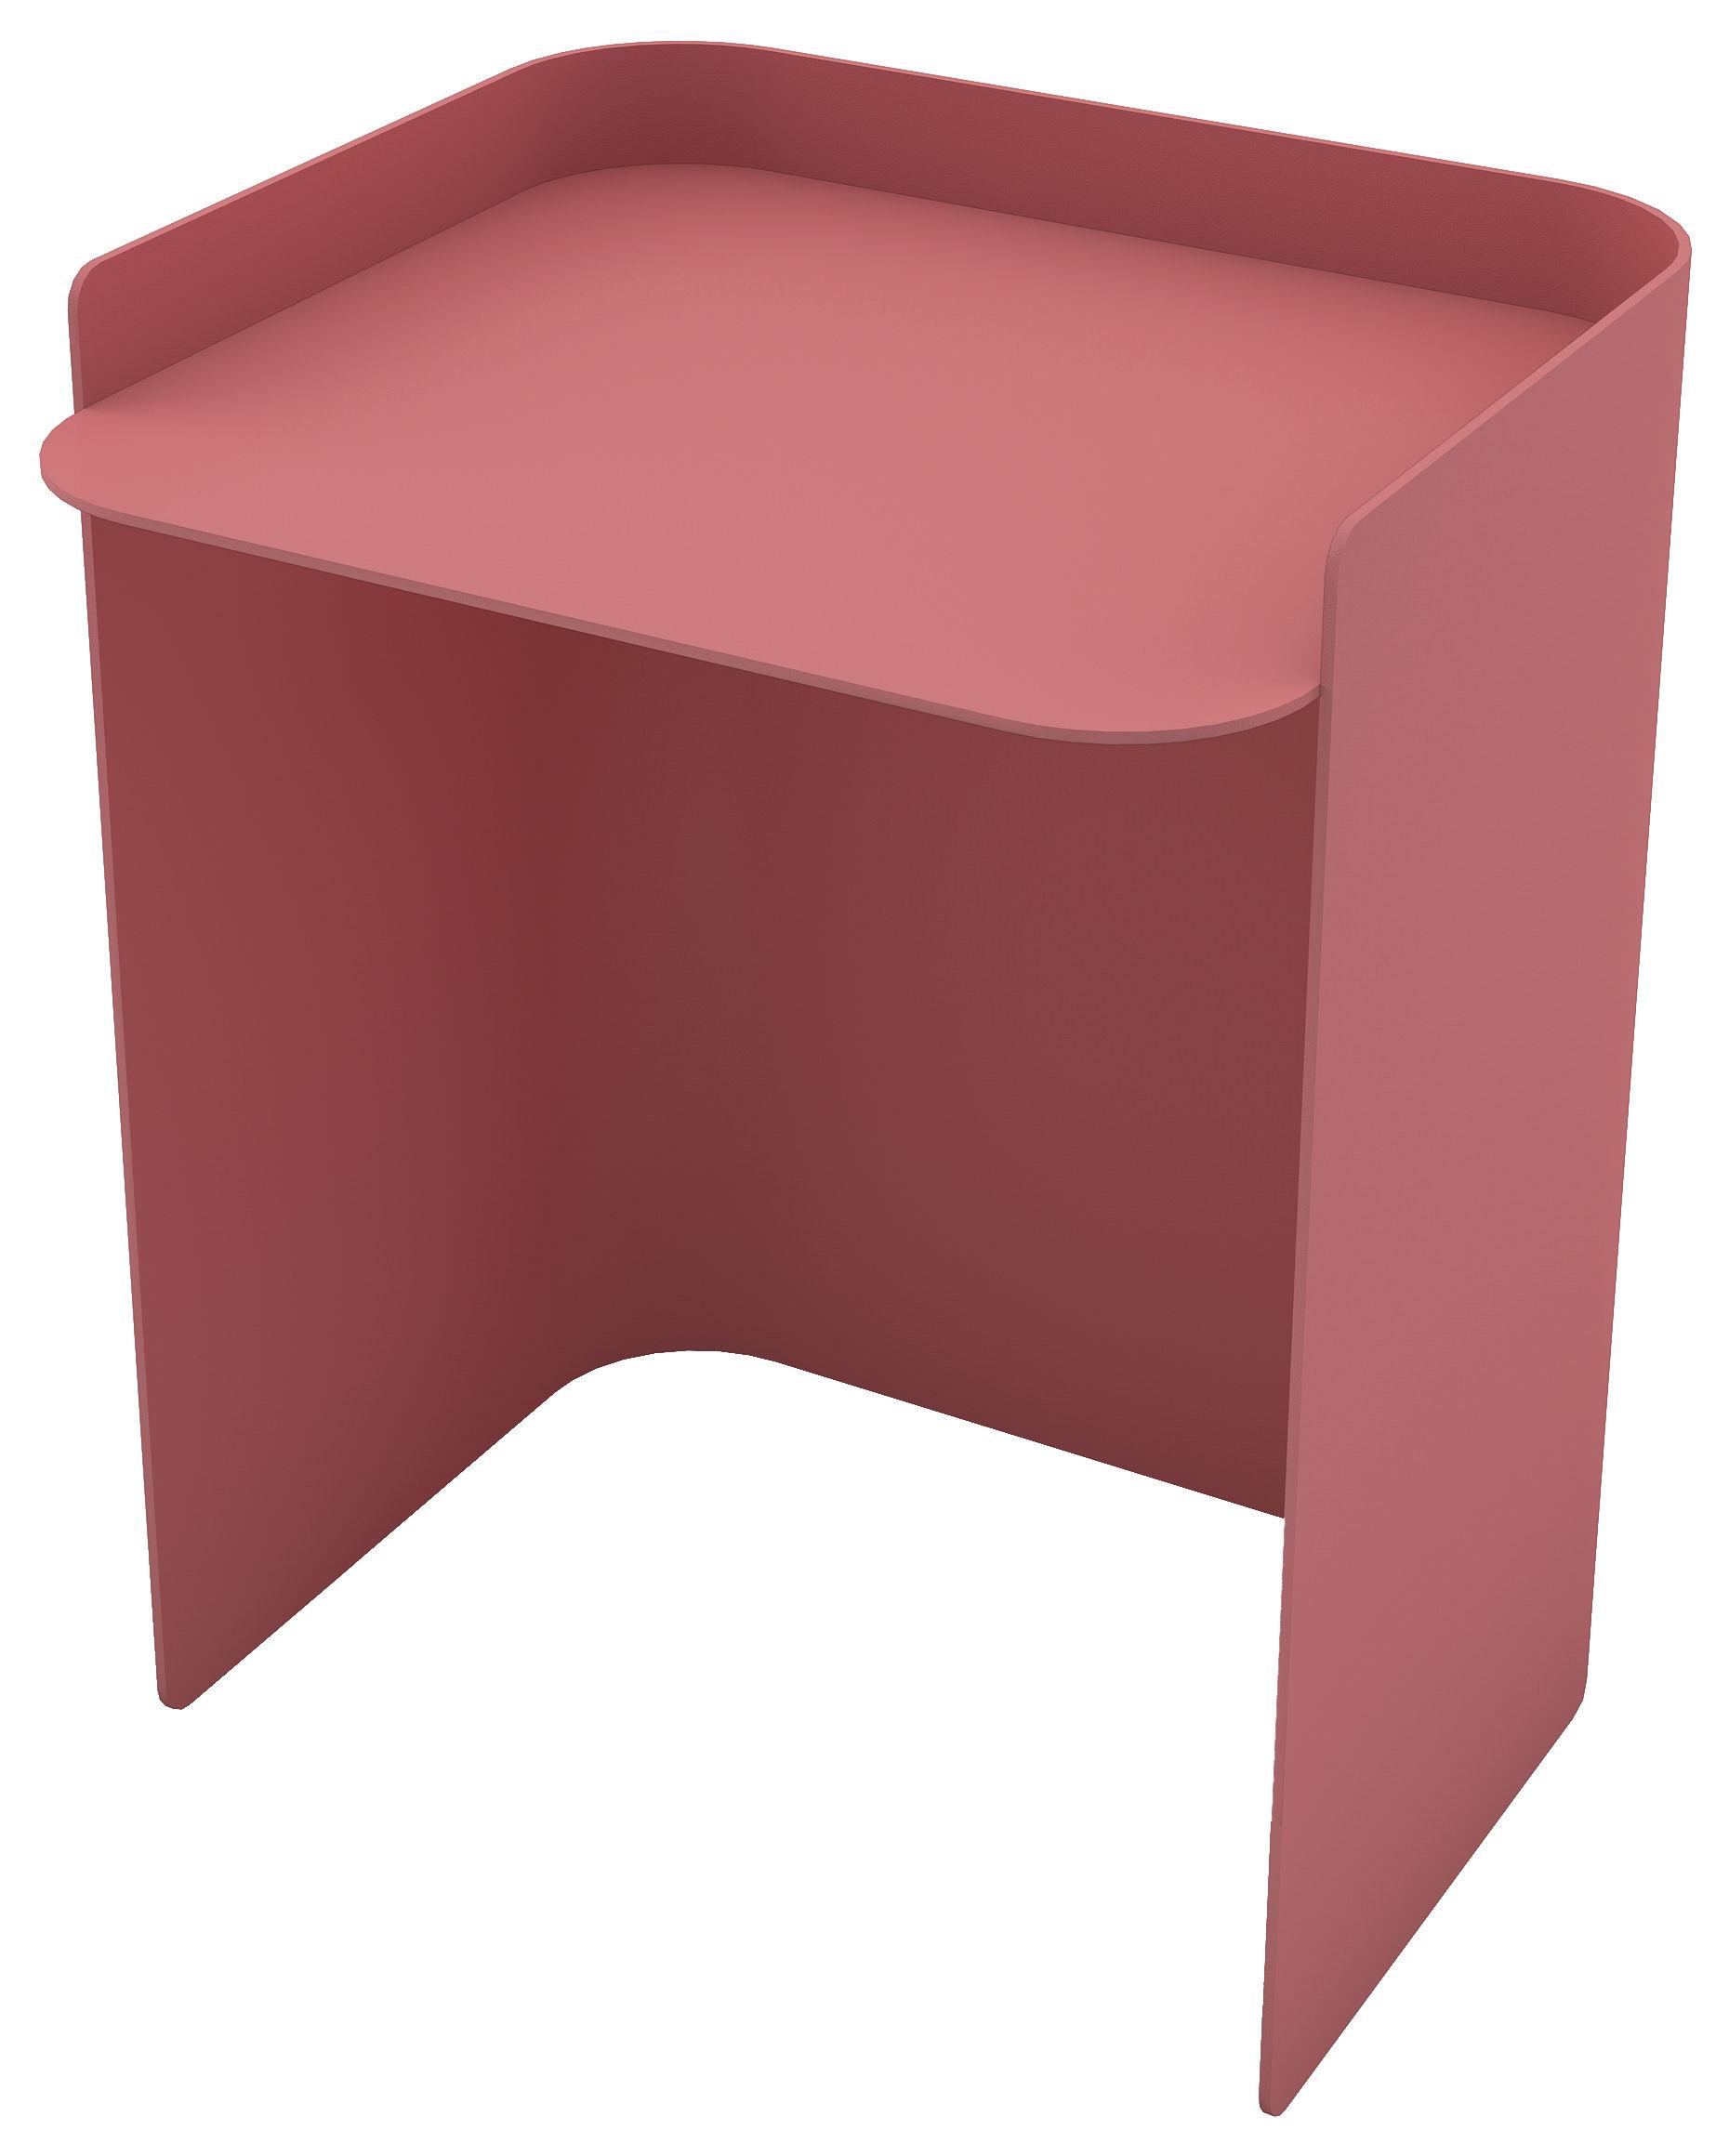 Möbel - Couchtische - Flor Beistelltisch / Medium - H 42 cm - Matière Grise - Altrosa - bemalter Stahl